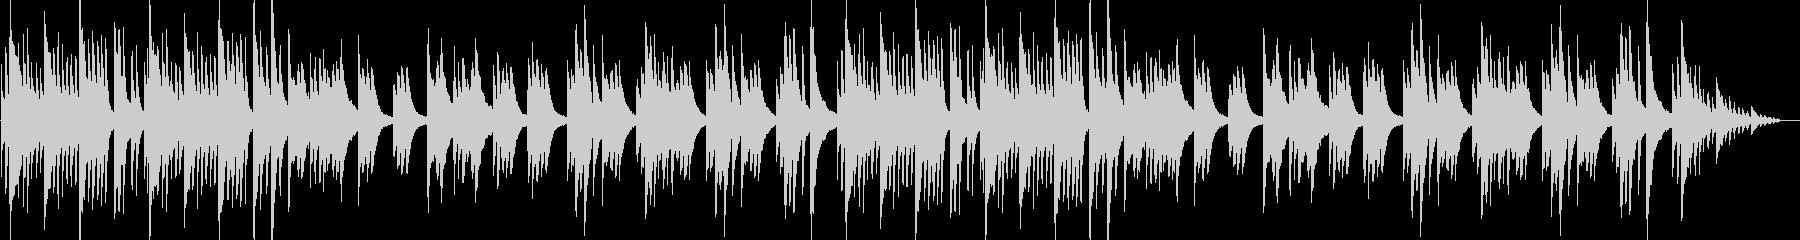 穏やかでやや切ないピアノナンバーの未再生の波形